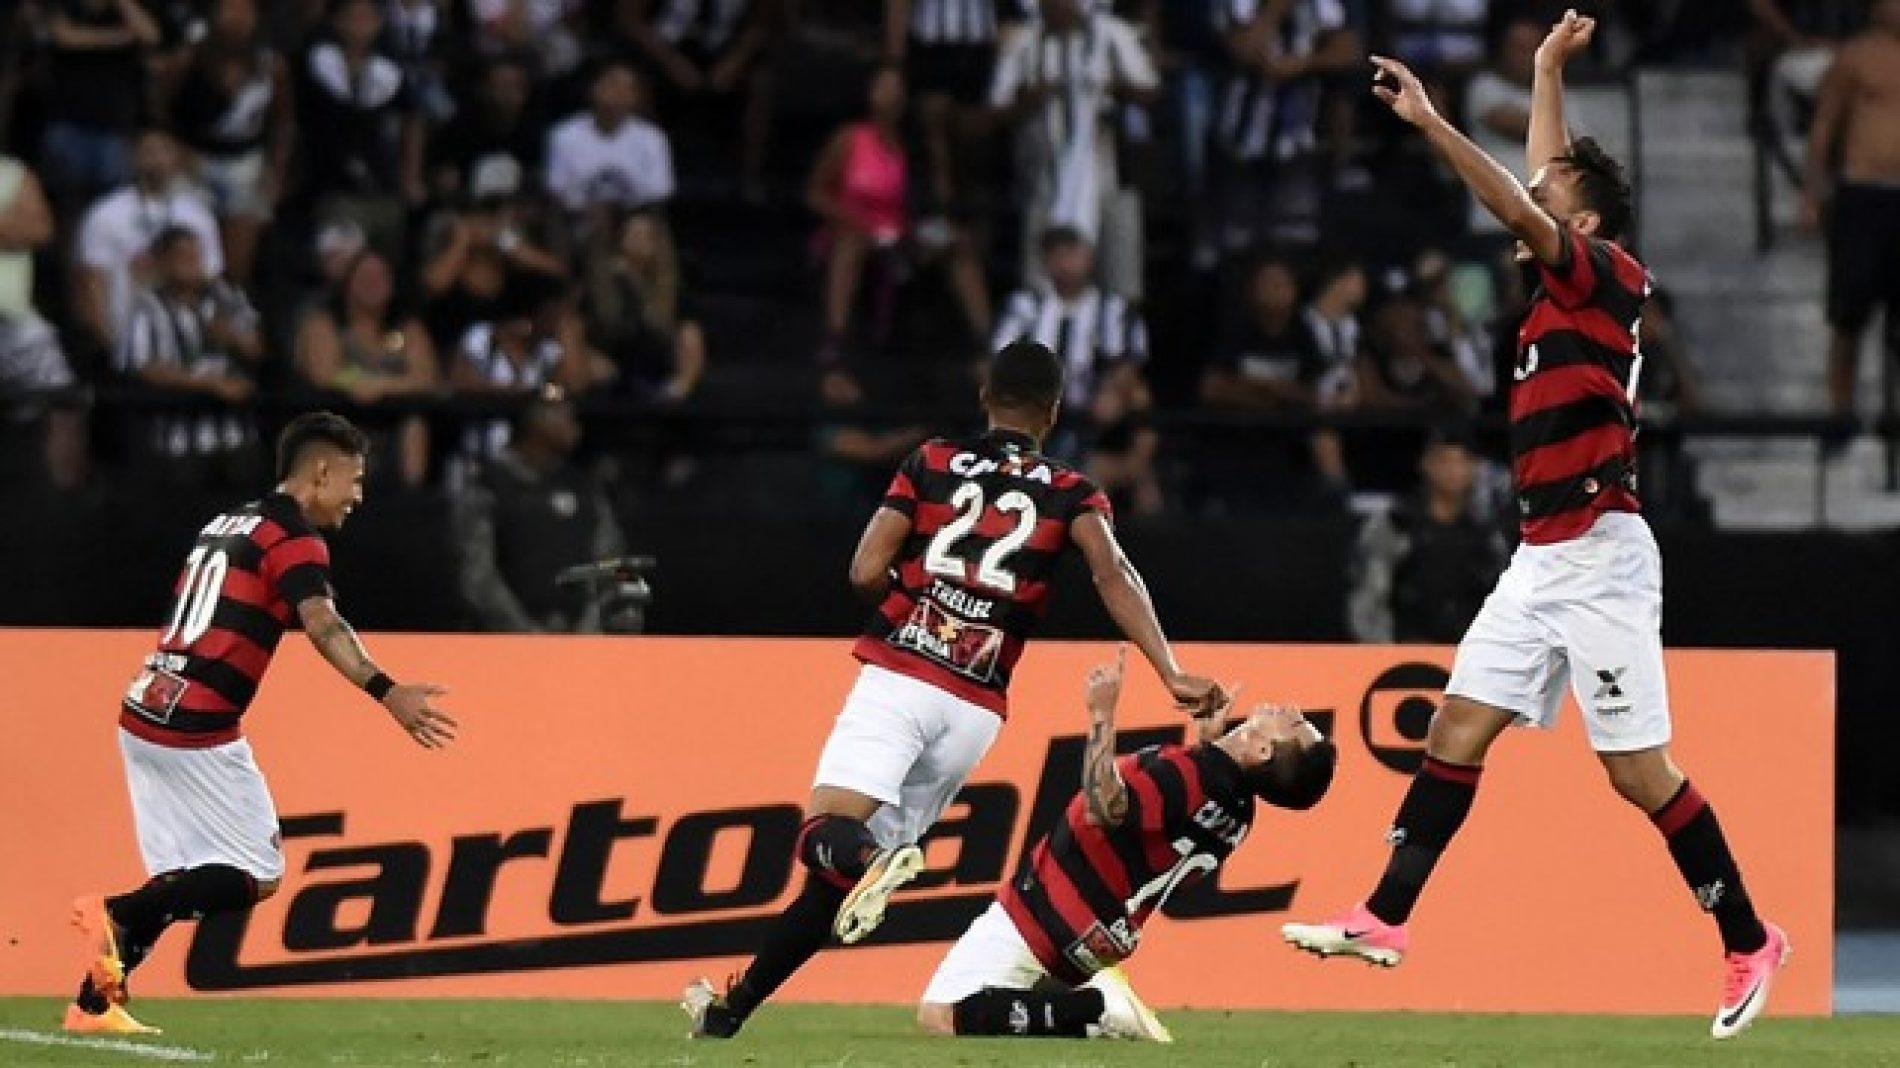 Vitória vira sobre o Botafogo no fim e chega ao quinto triunfo seguido como visitante